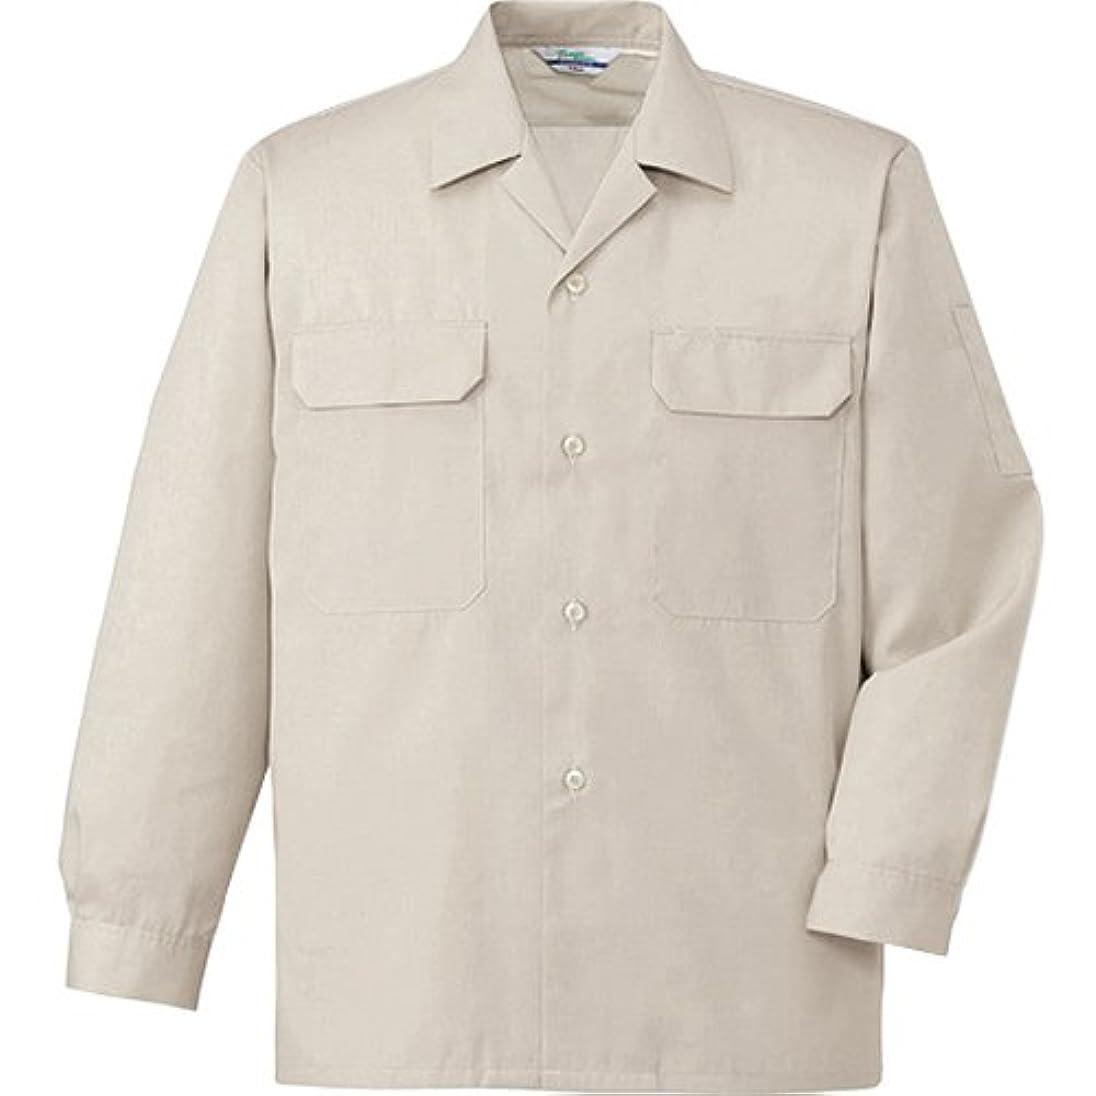 吸い込む委託再現する[自重堂] 長袖オープンシャツ 大きいサイズ 004/ベージュ 6055